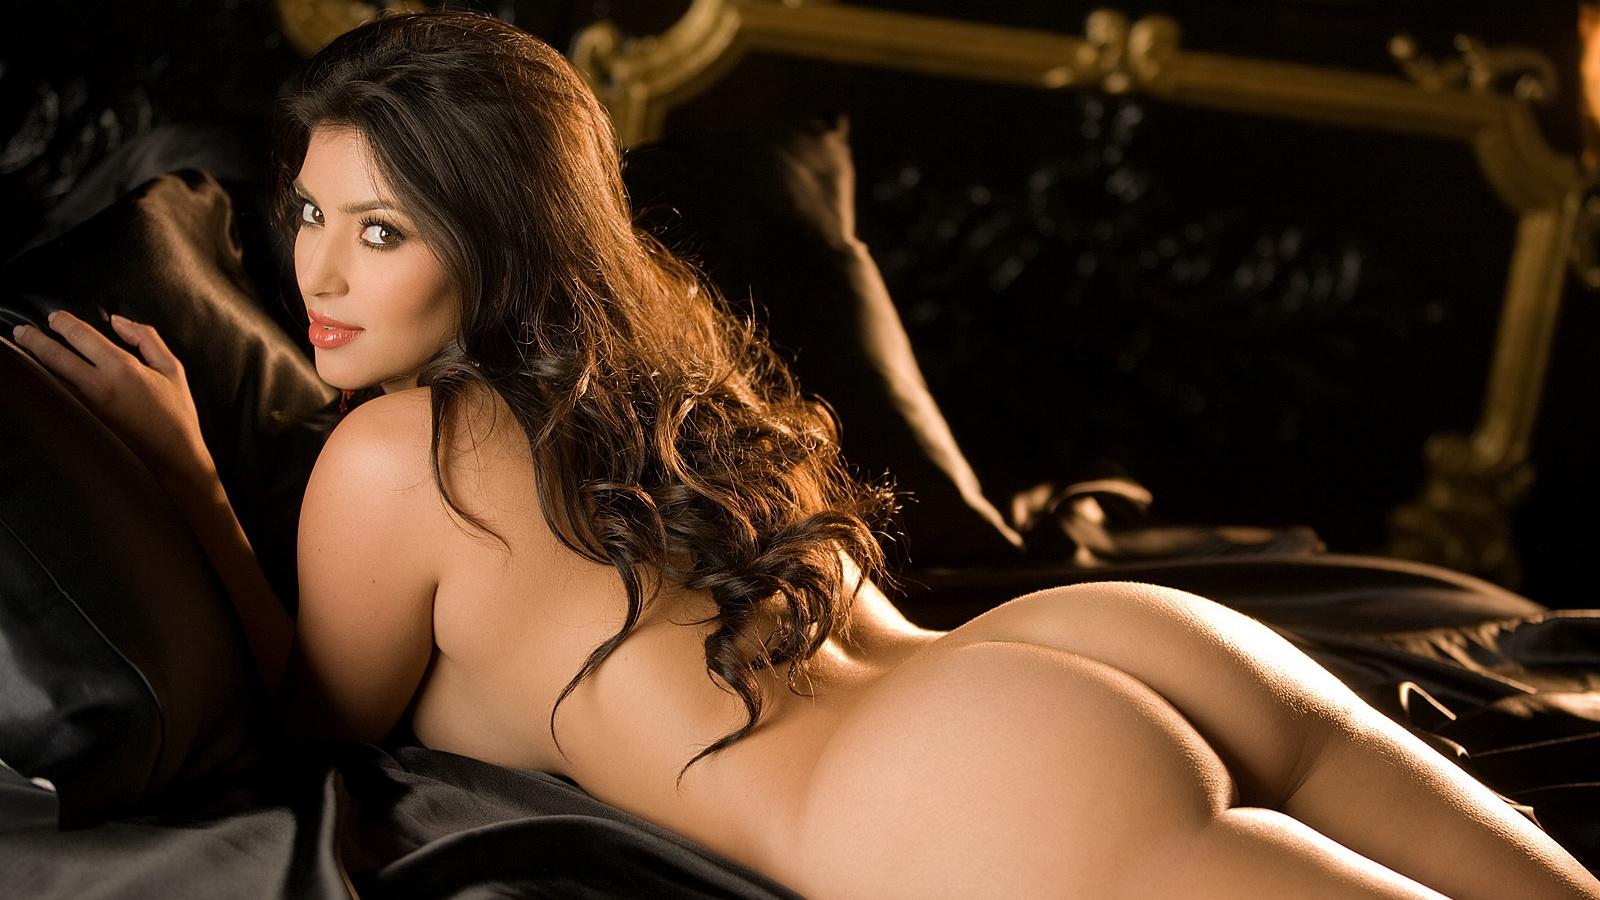 Kim kardashian nude ass hd final